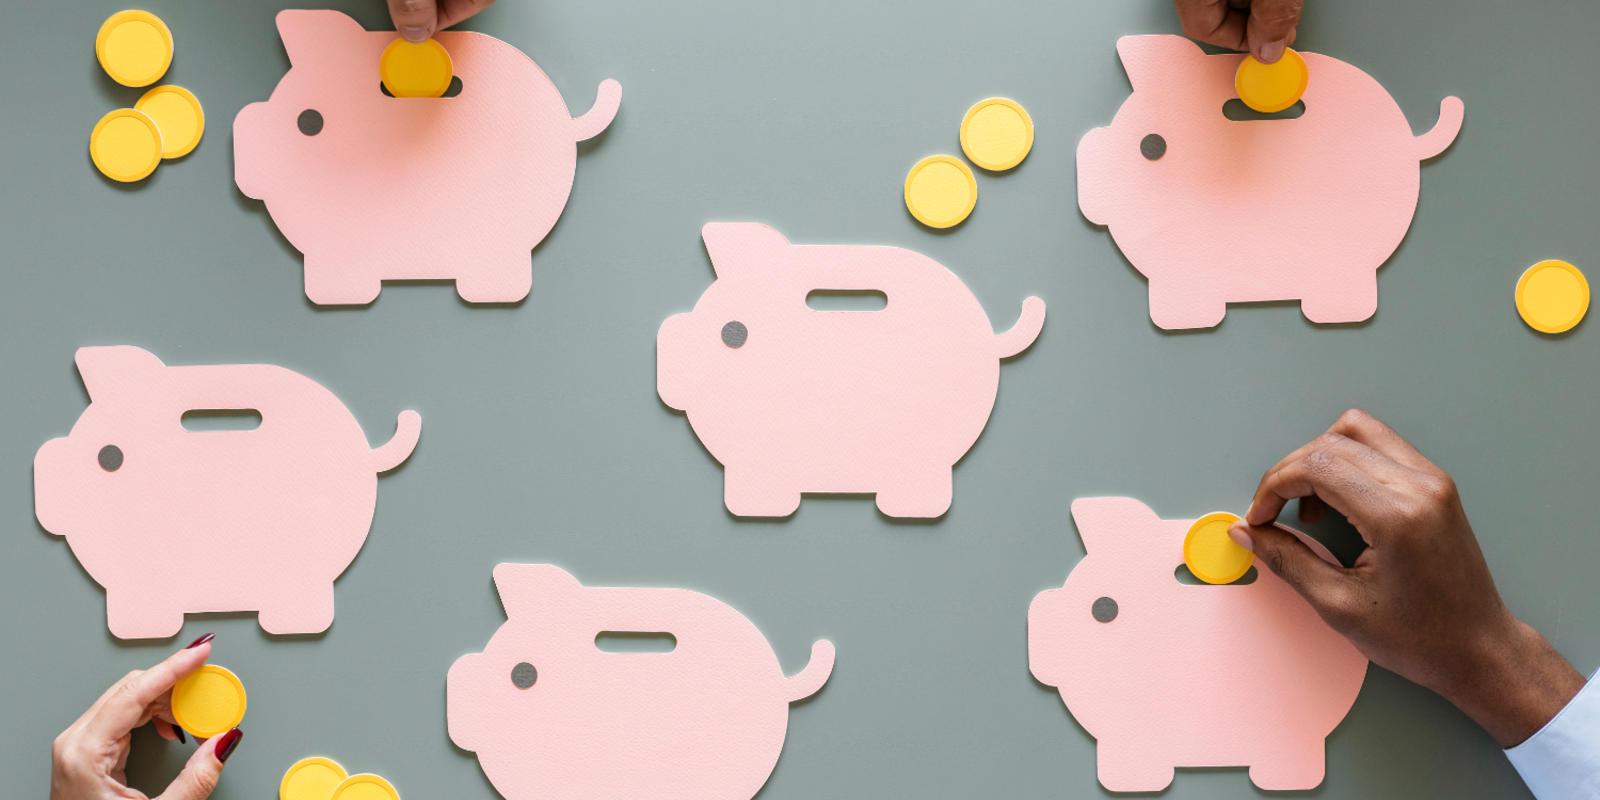 bodemisolatie besparing berekenen